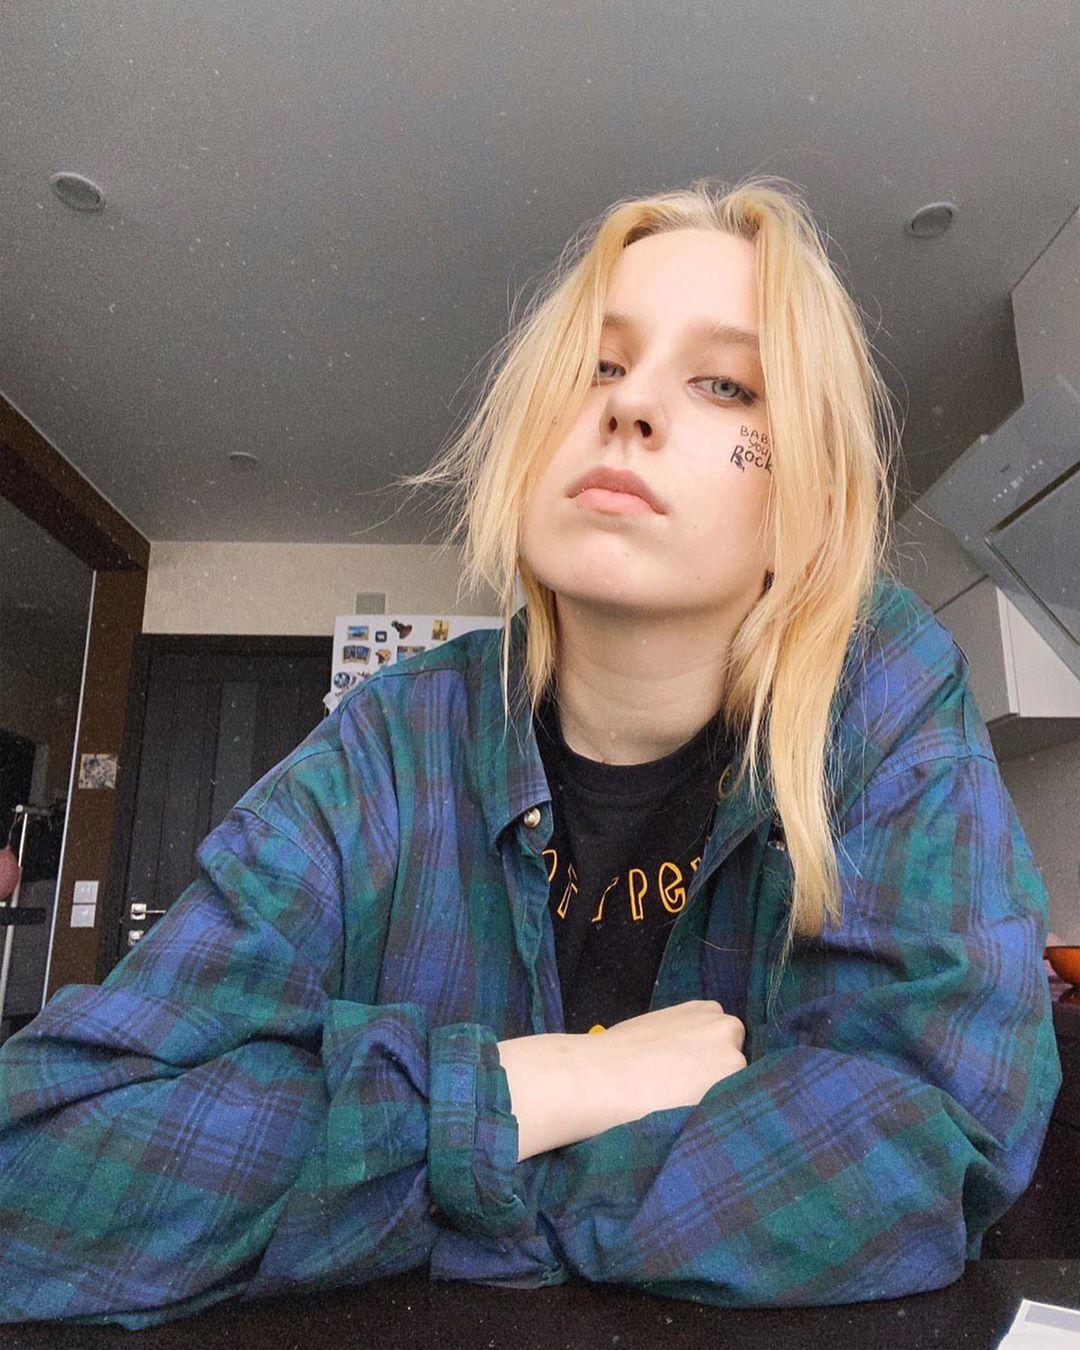 Певица Гречка выпустила музыкальный мини-альбом «Хватит»